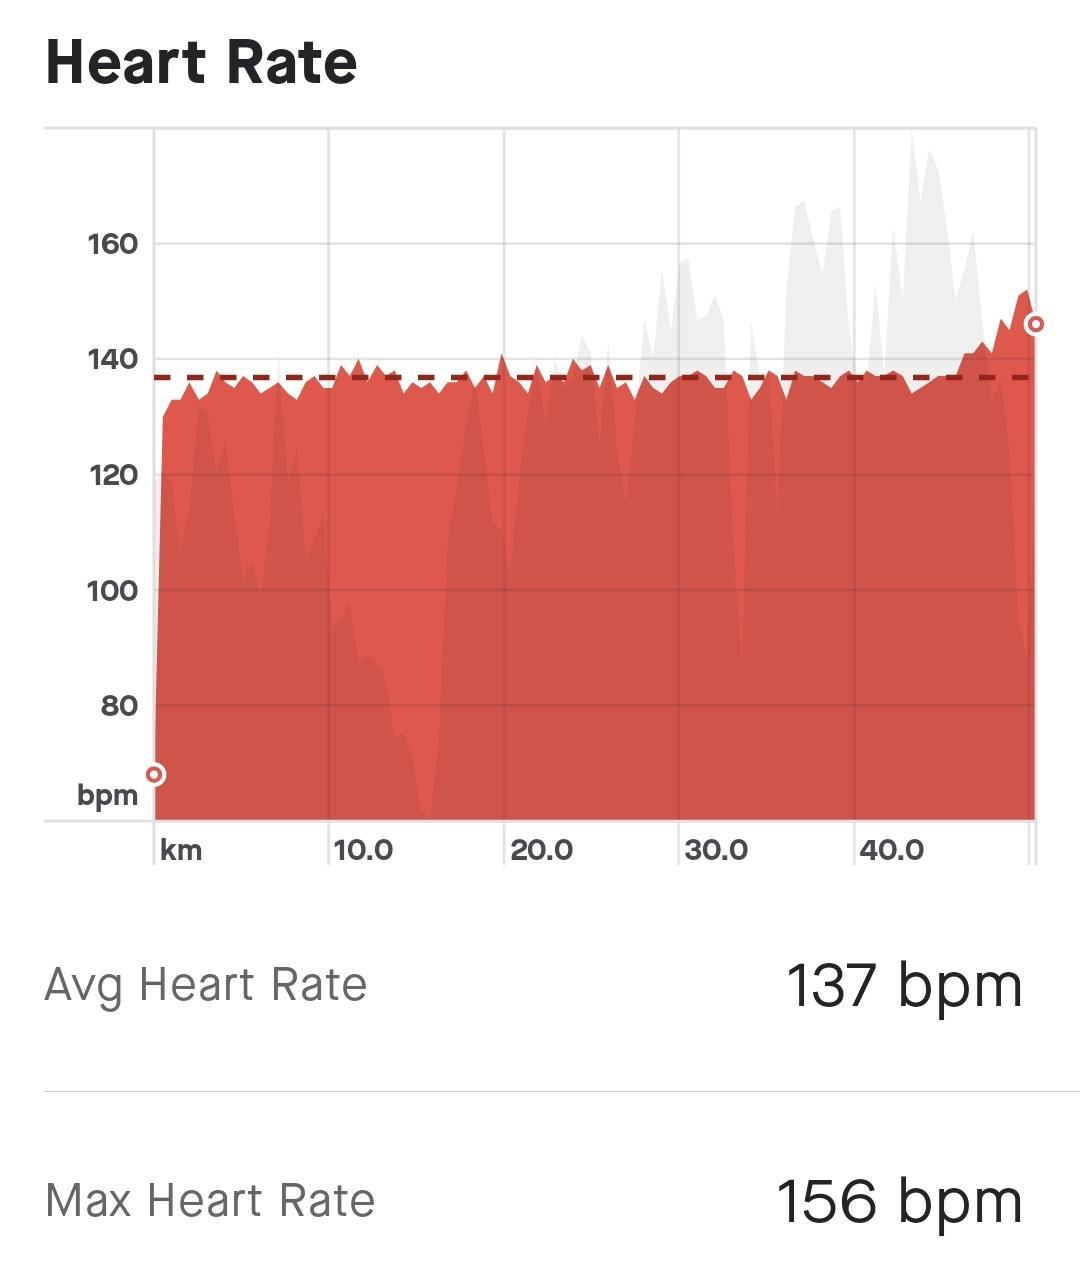 a hegyi sprintek jóak a fogyáshoz